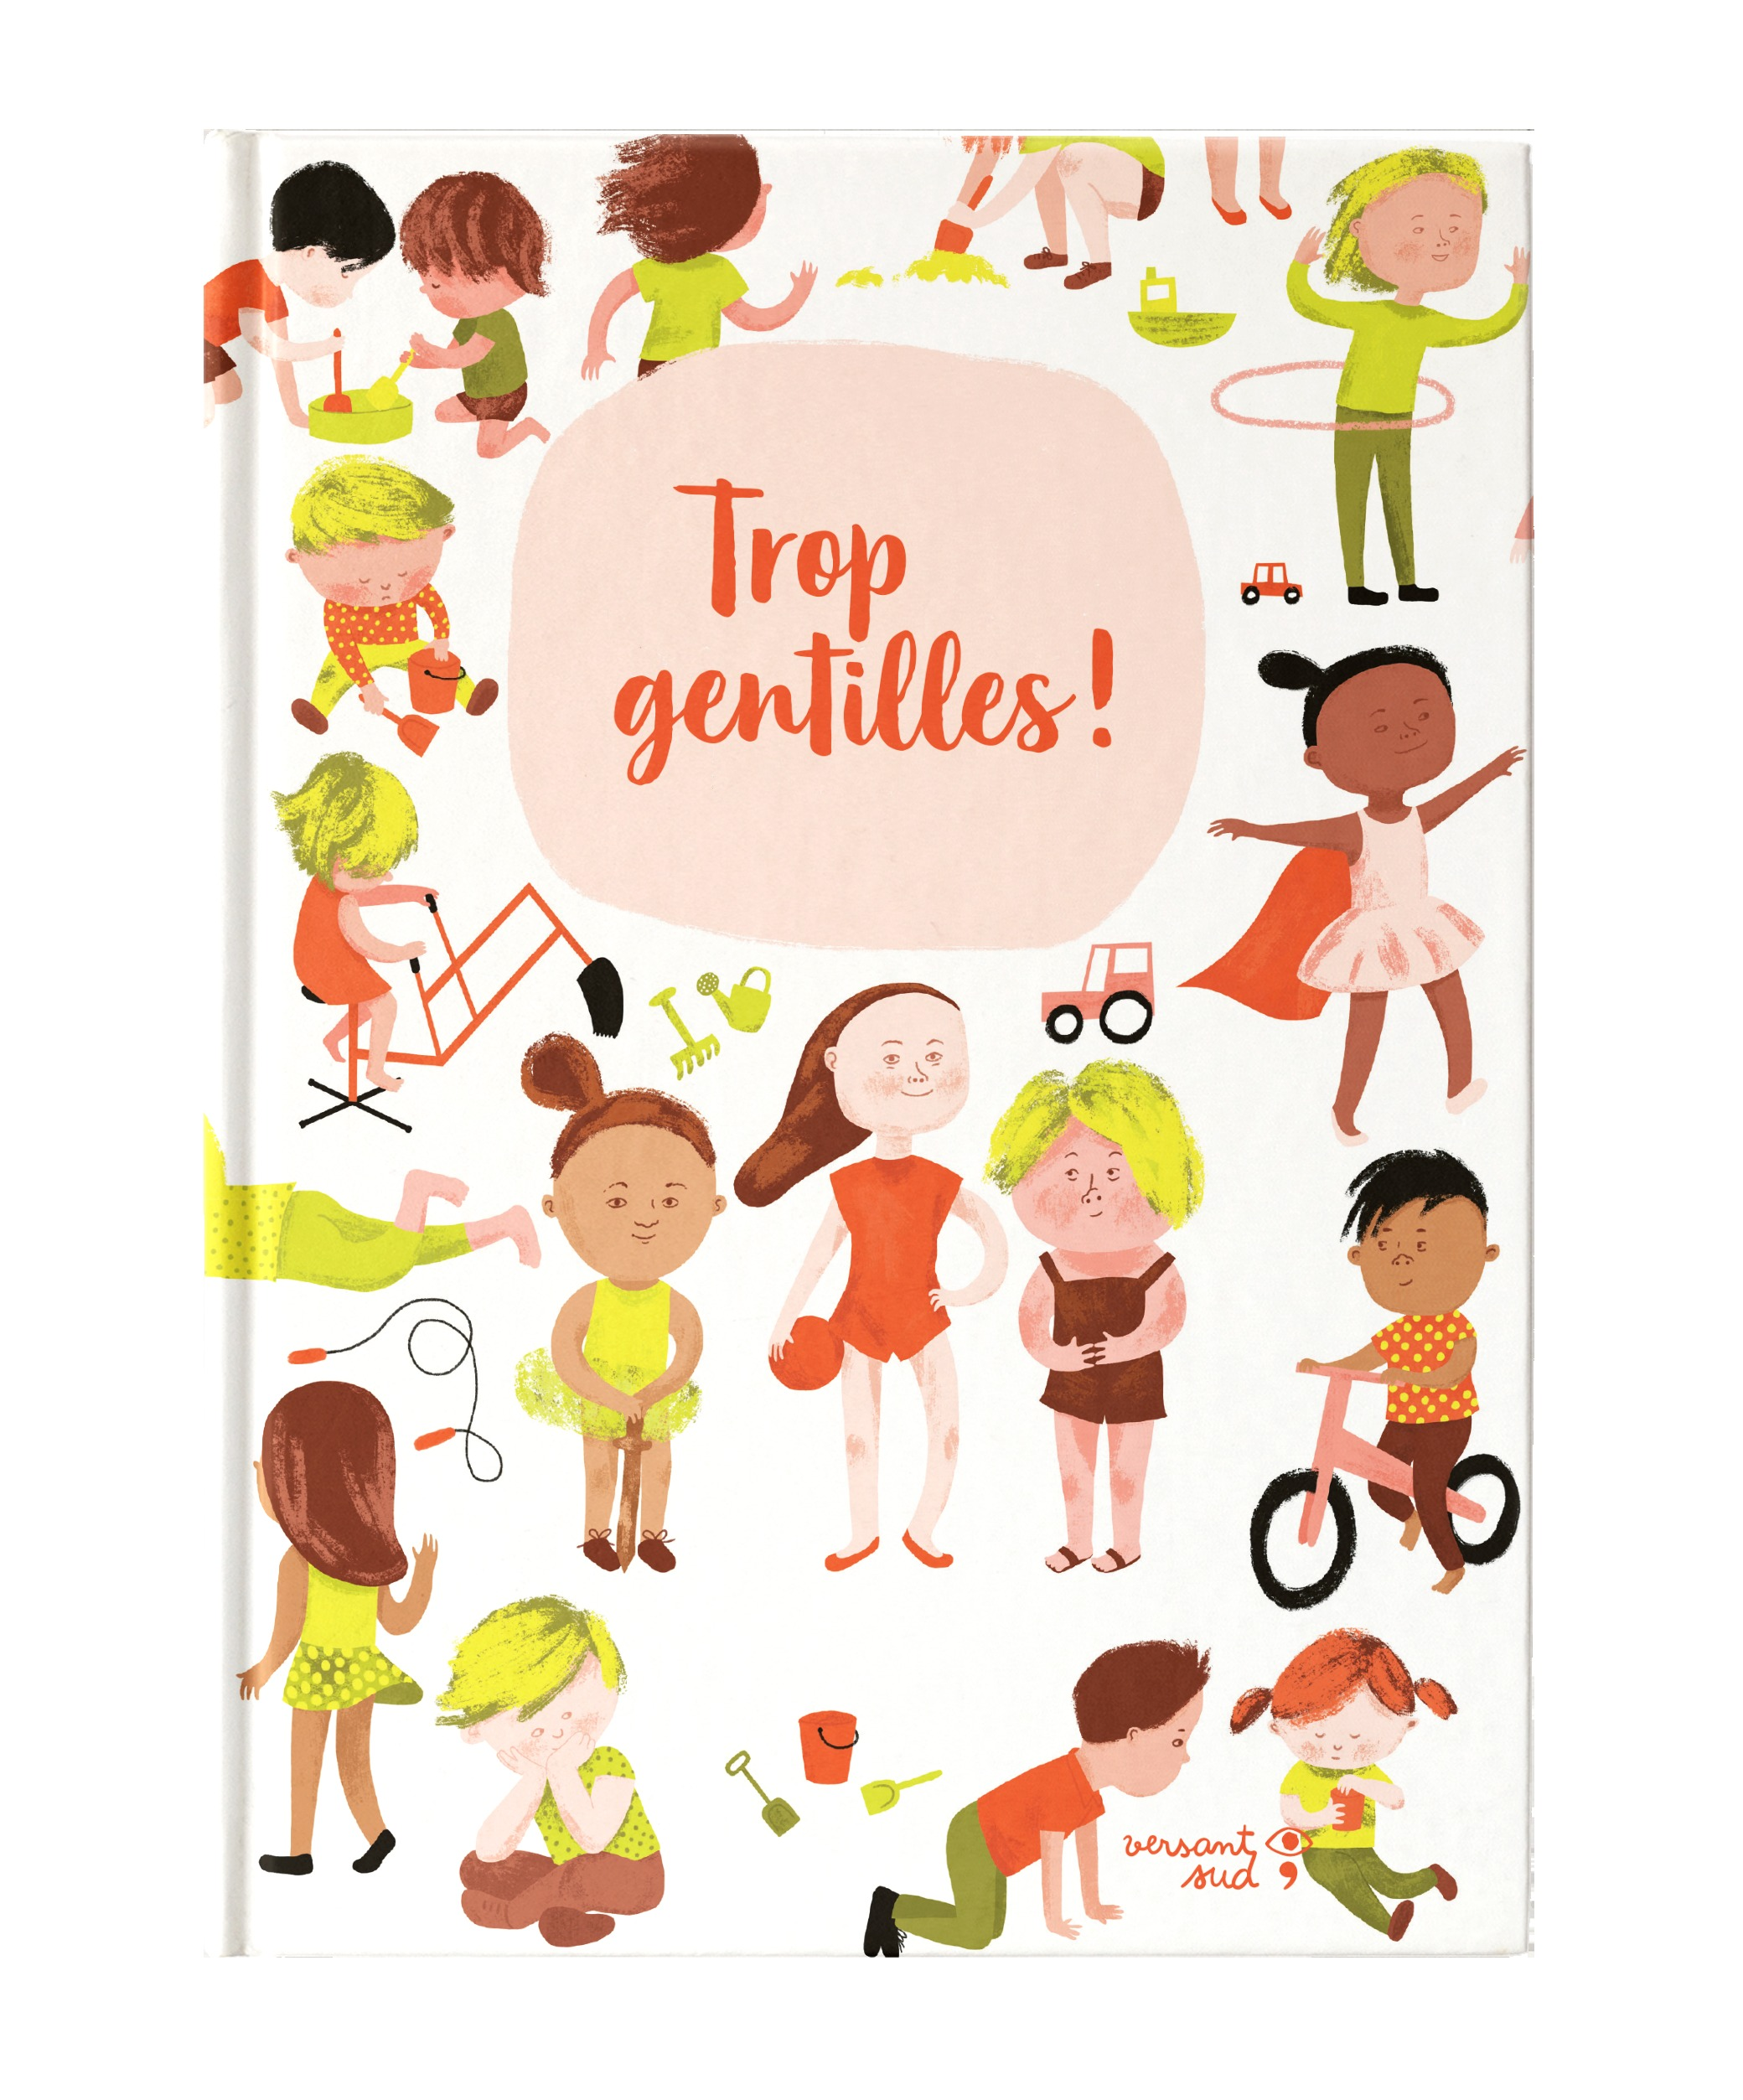 TROP GENTILLES !